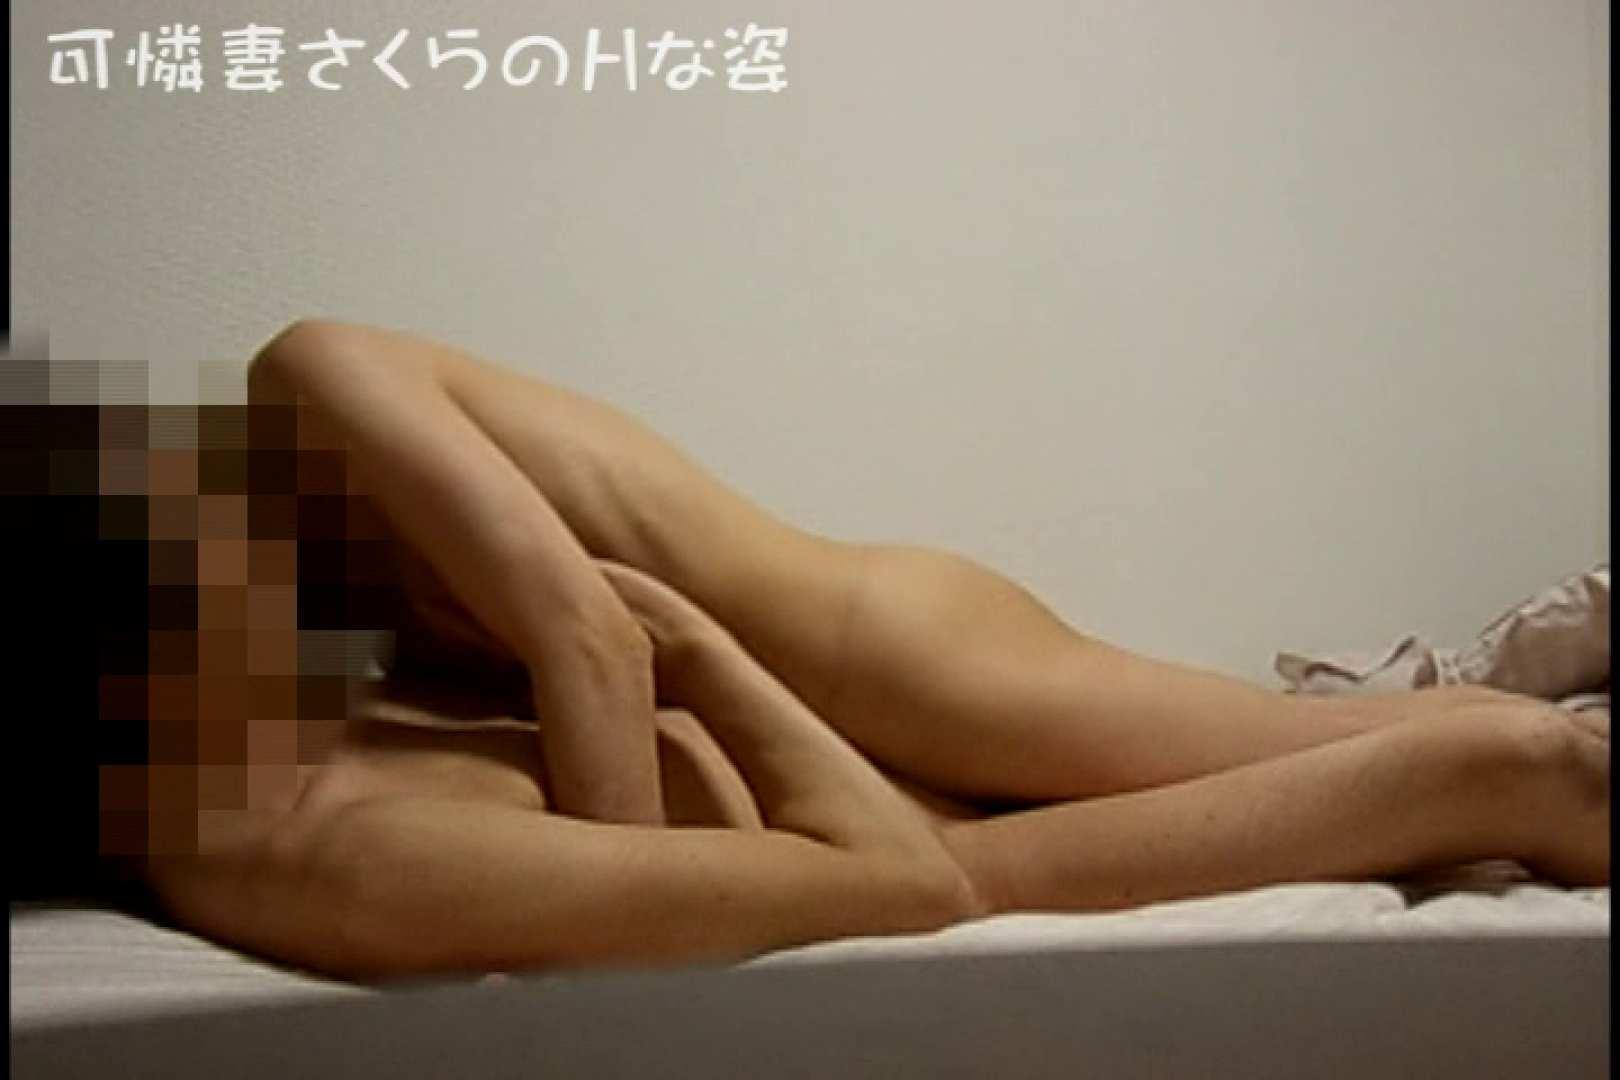 可憐妻さくらのHな姿vol.3 ギャル達のセックス | OL裸体  65画像 31